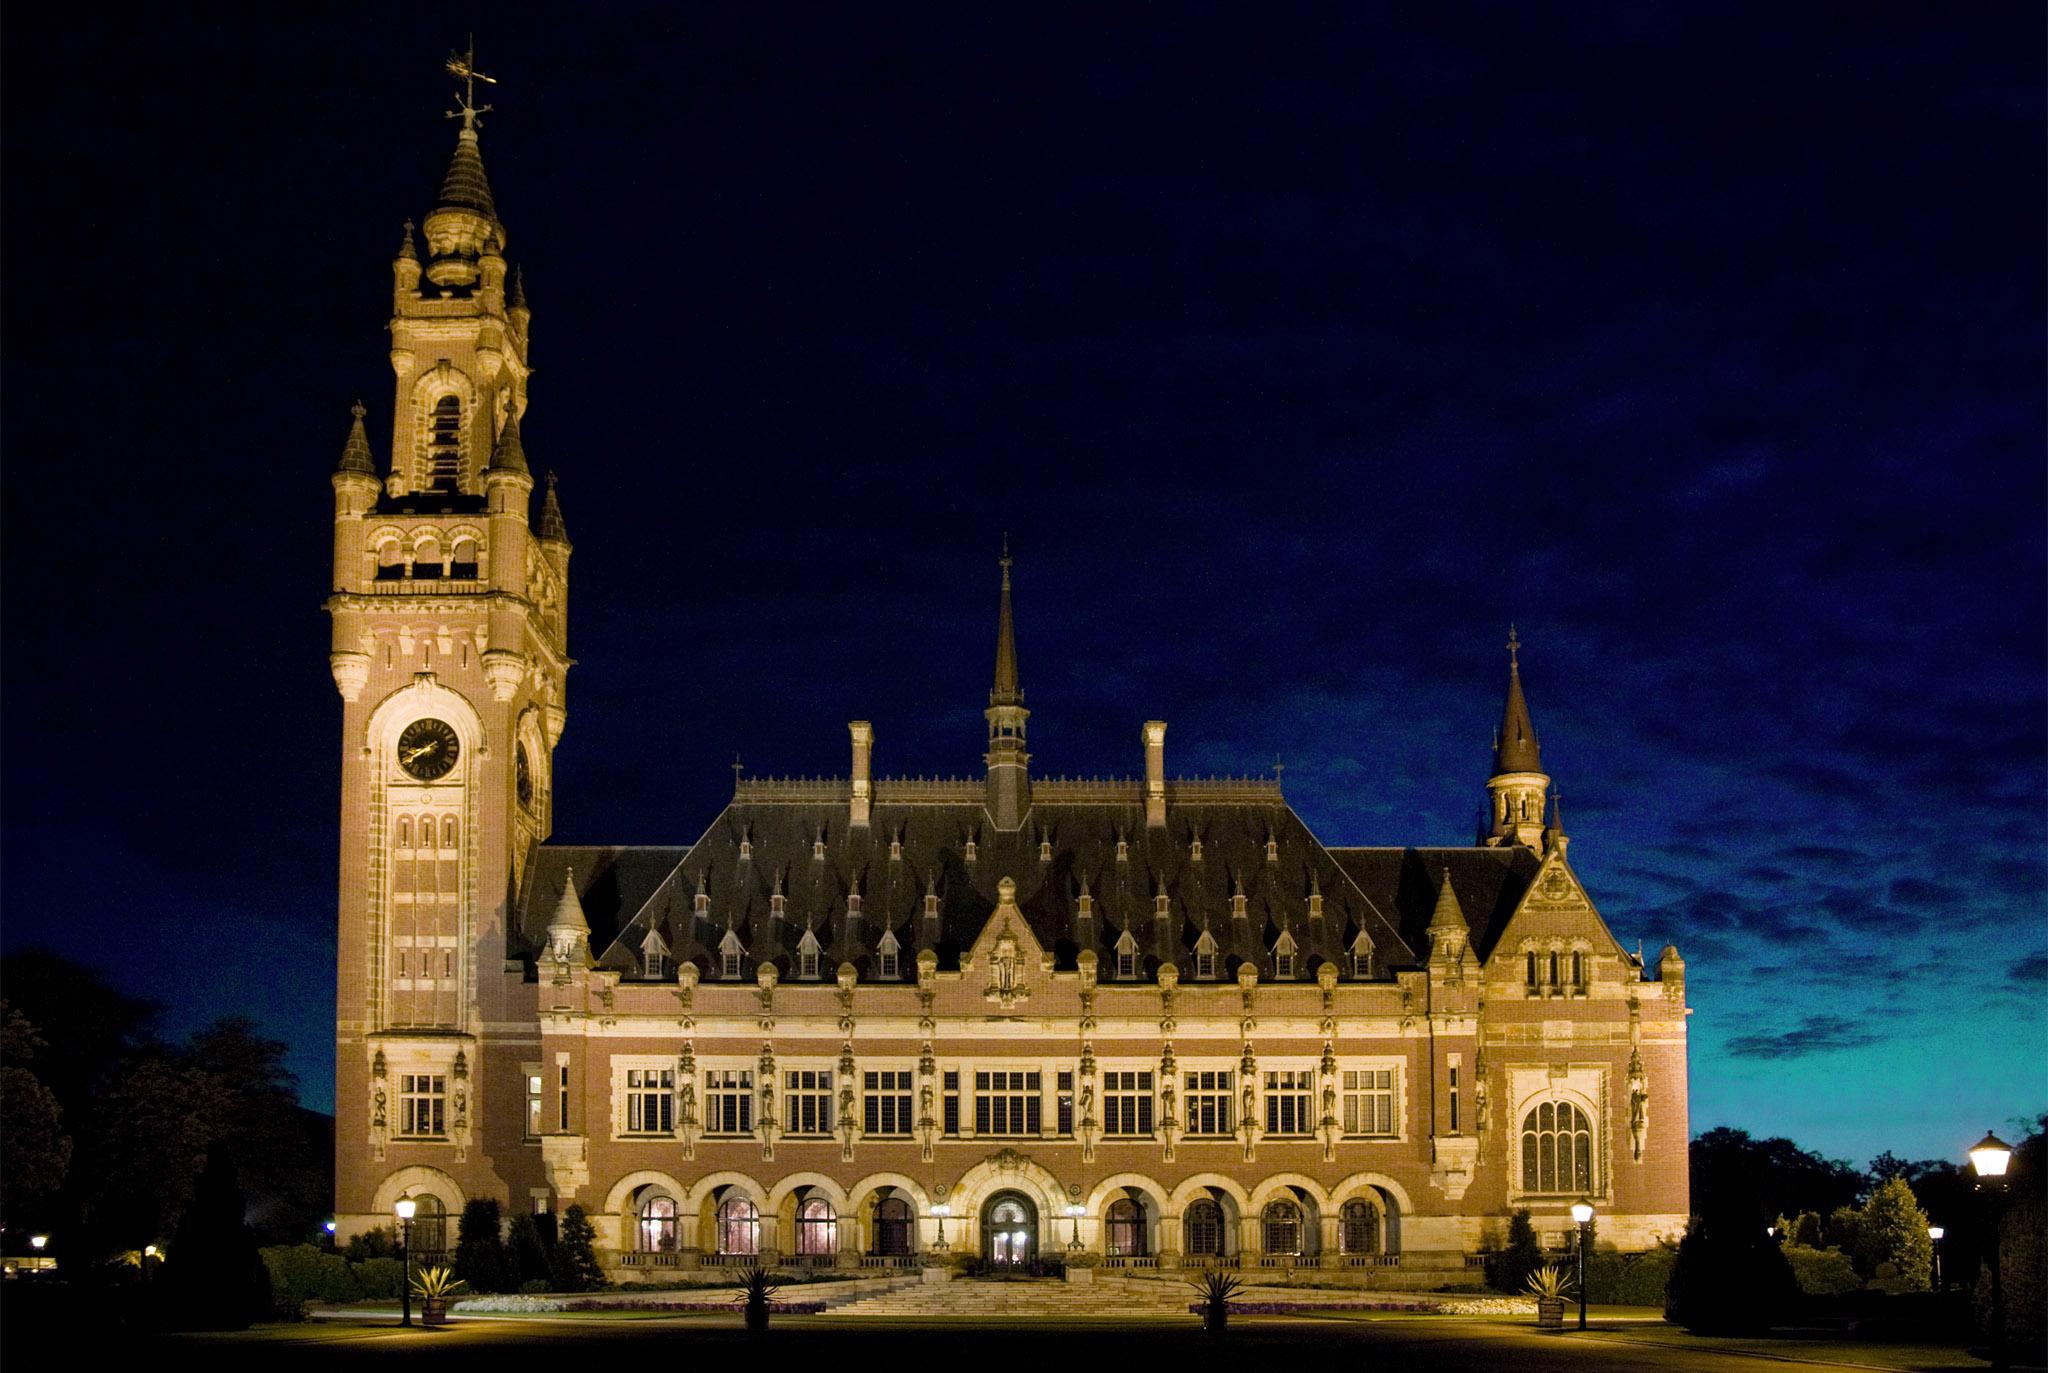 Vue de façade de devant du Palais de la Pays à La Haye - Vredespaleis - (Pays-Bas). Source: Lybil BER https://commons.wikimedia.org/wiki/File:Peace_Palace_by_Night.jpg, License: Creative Commons (https://creativecommons.org/licenses/by-sa/4.0/)